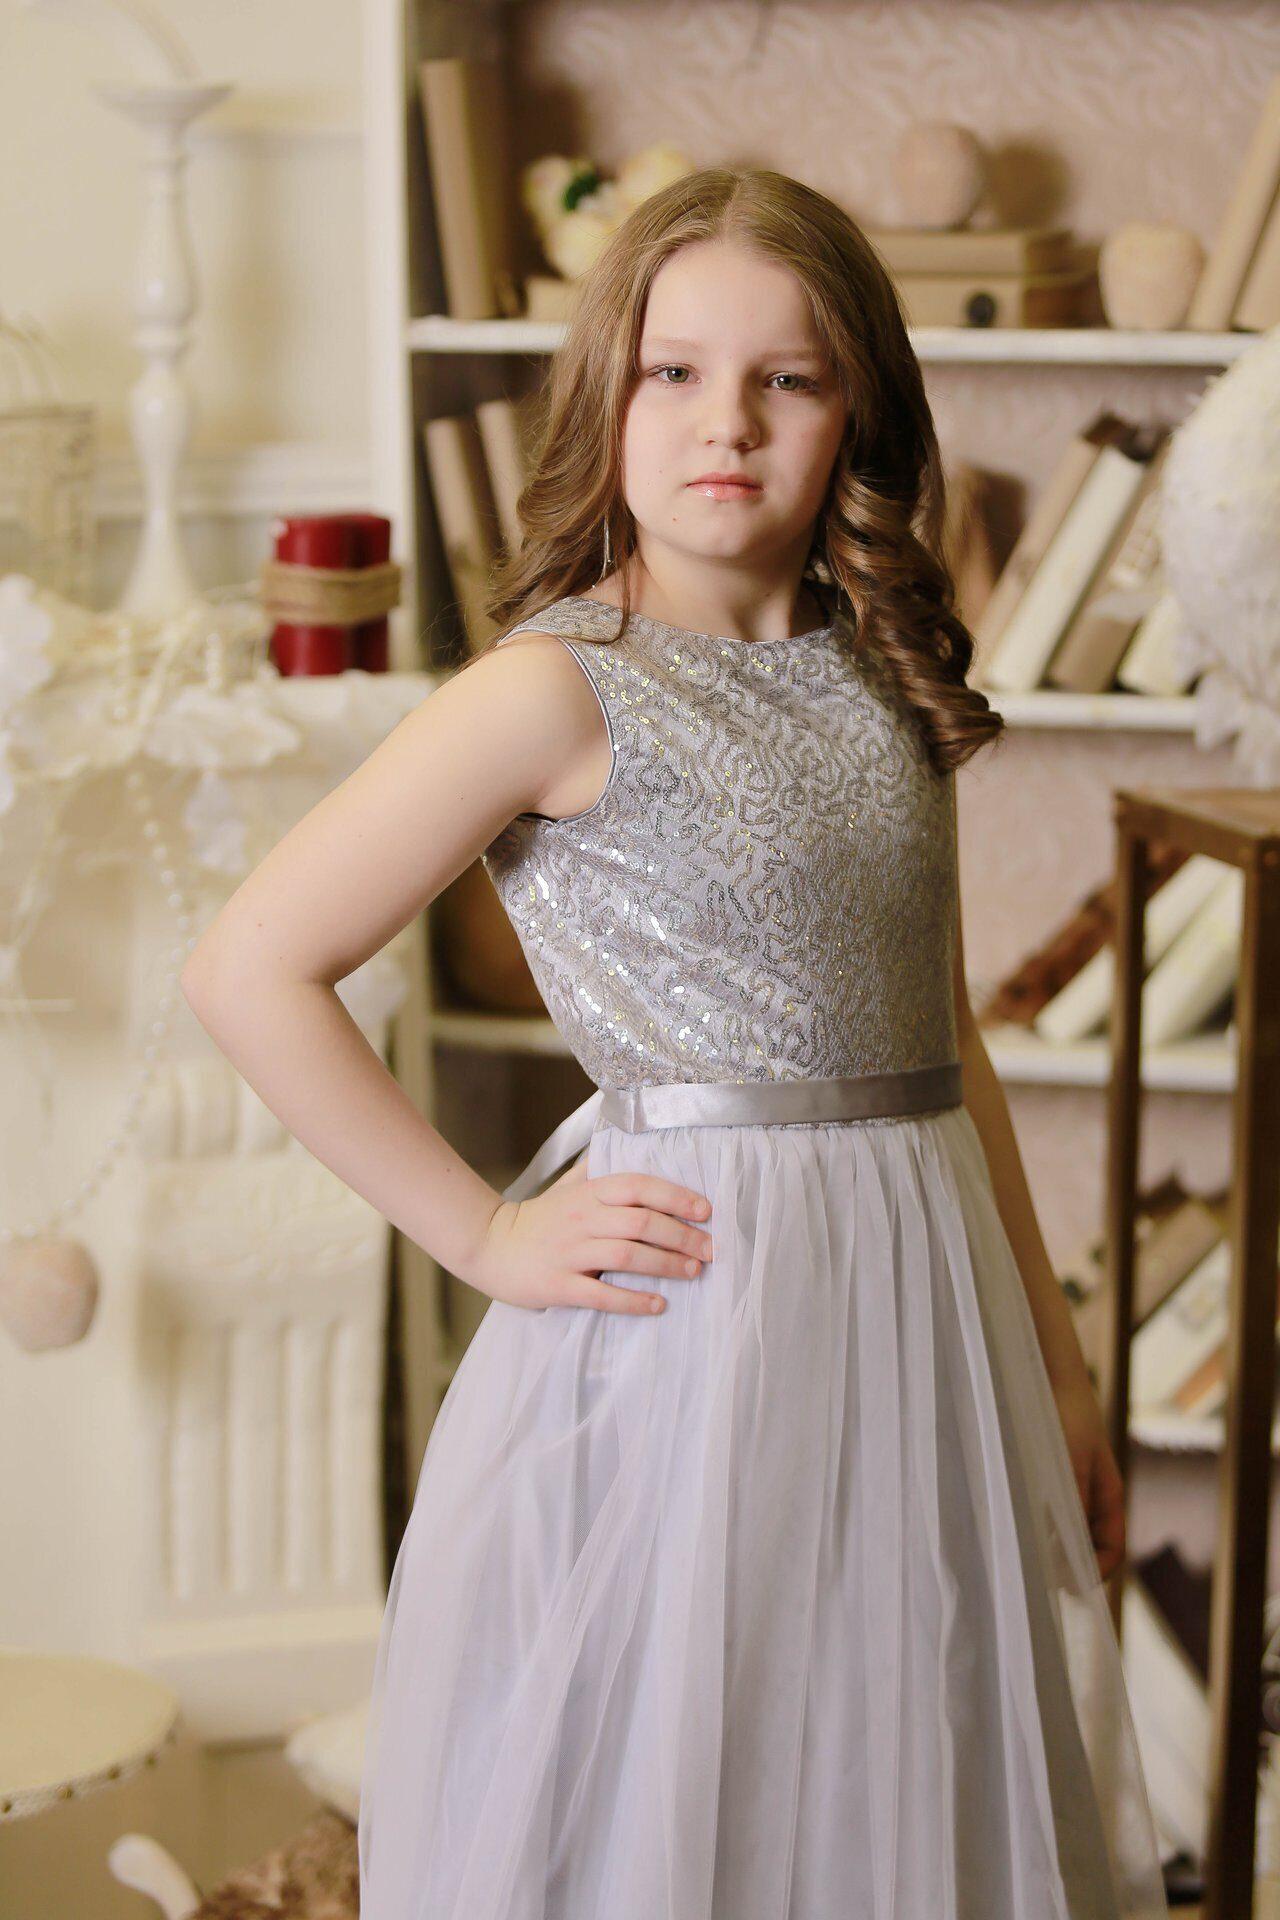 6776d51f66c Праздничное платье для девочки 11-12 лет Хабаровск